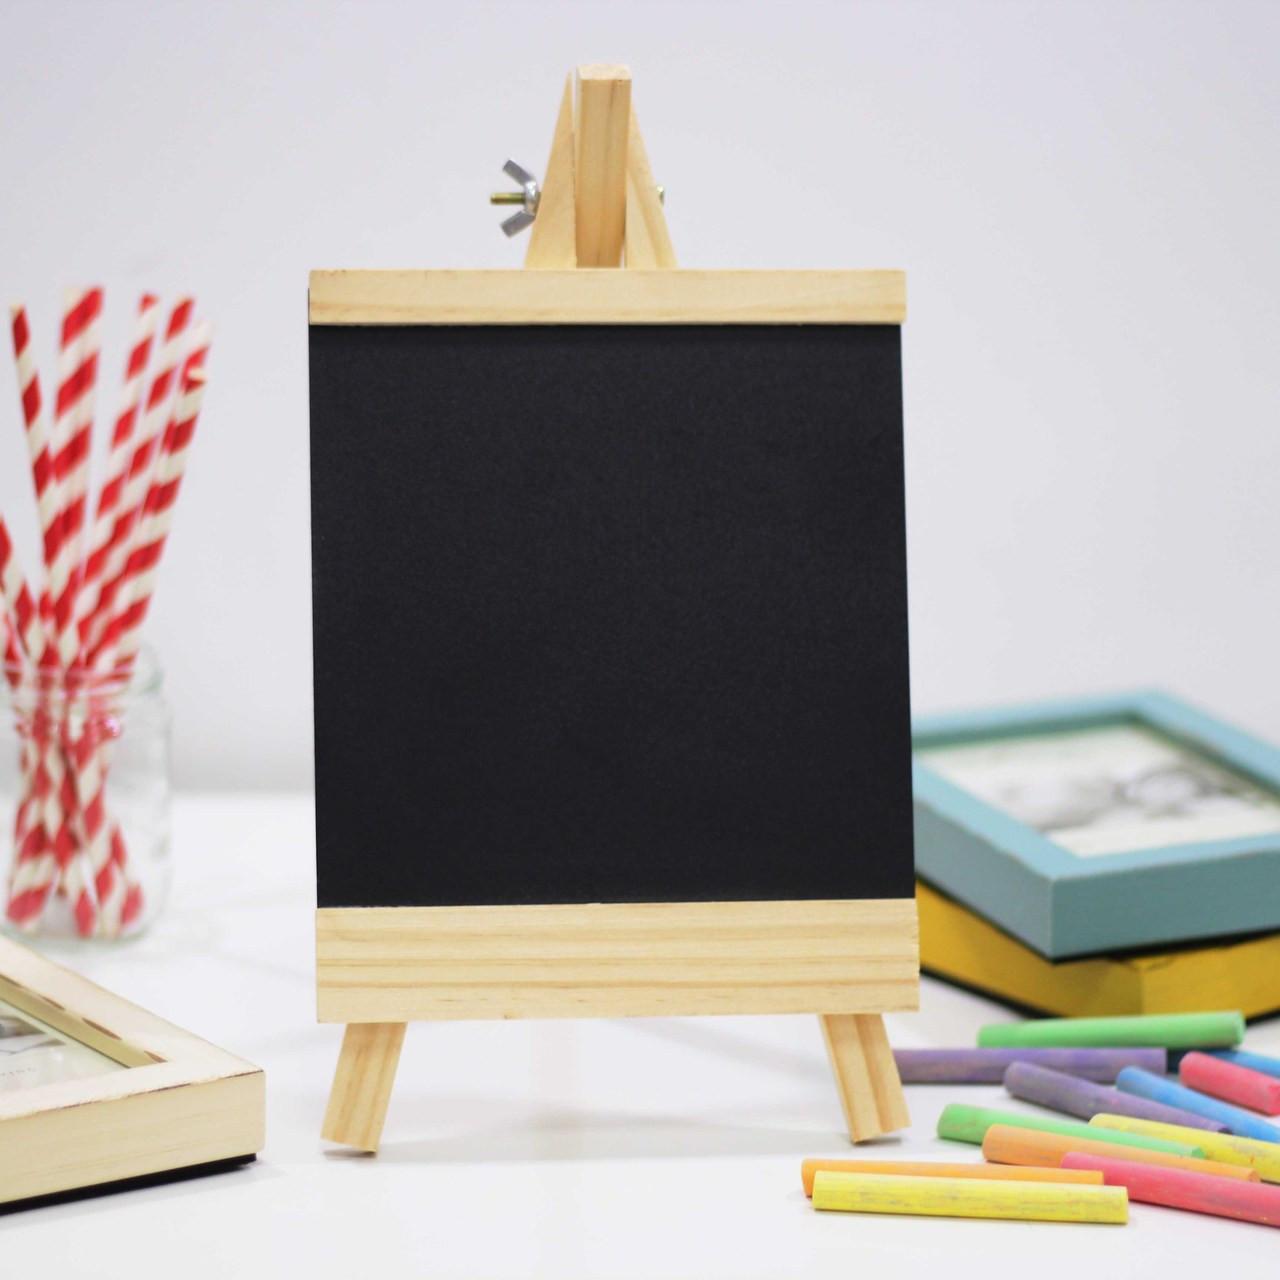 Wooden Framed Blackboard/Chalkboard